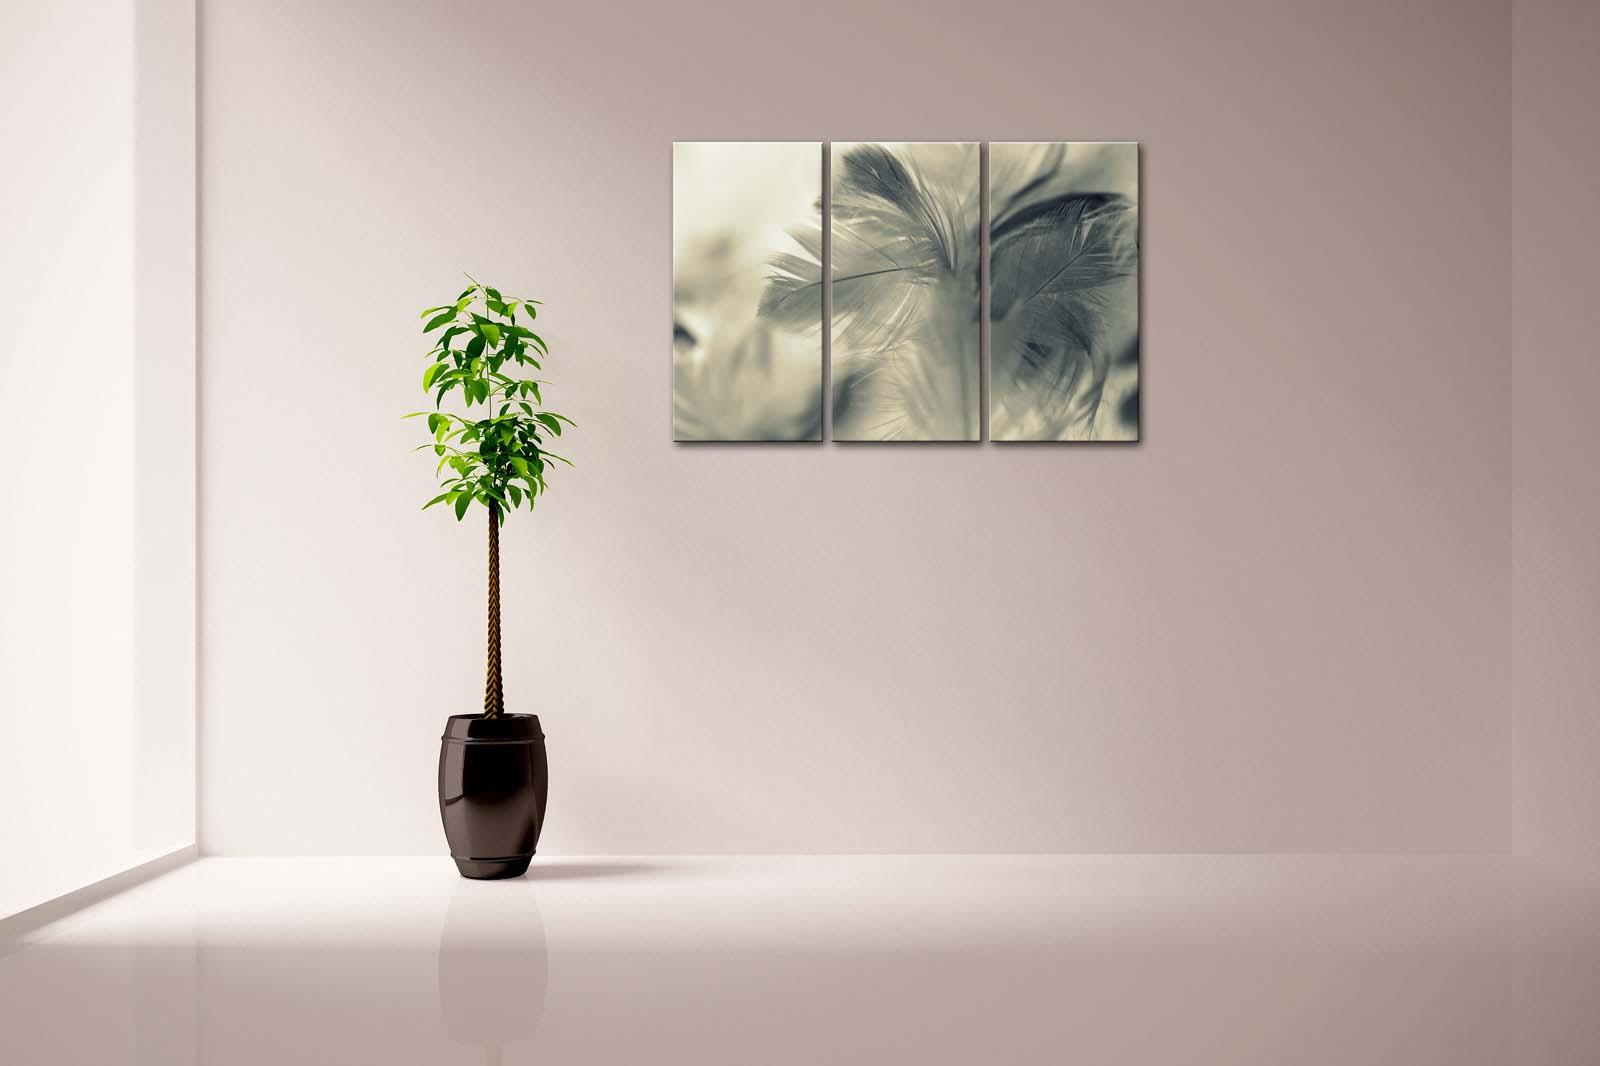 Encadrée mur Art photos gris plume toile impression Art moderne affiche avec cadre en bois pour salon maison bureau décor - 3